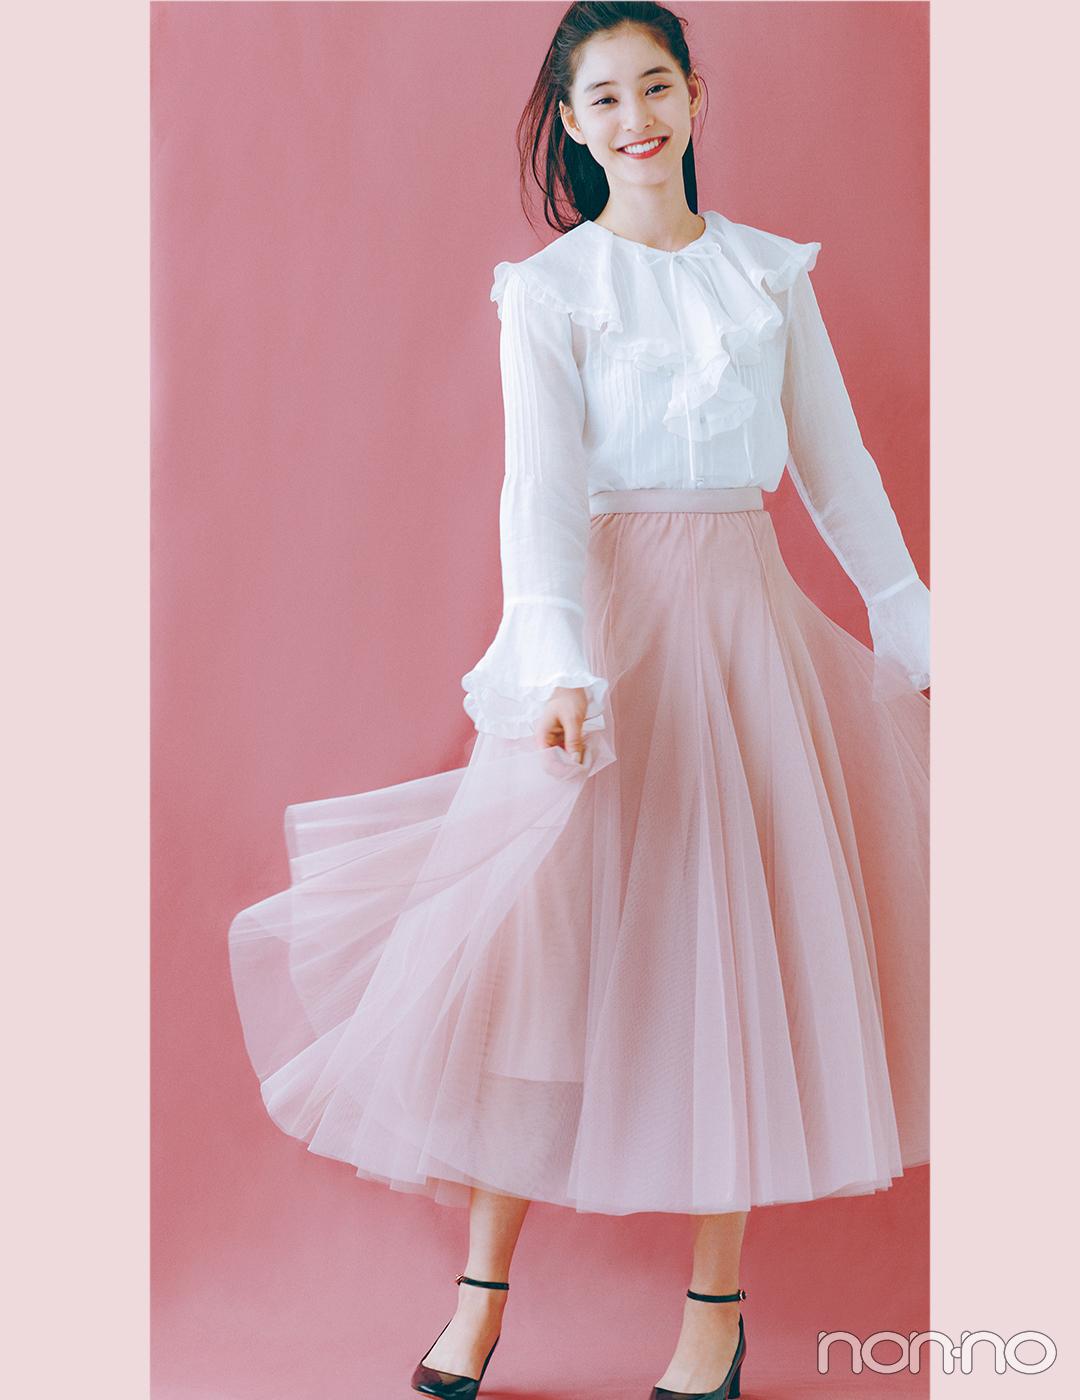 """新木優子はハッピー感満点のピンクスカートで""""可愛い""""を満喫♡【毎日コーデ】"""